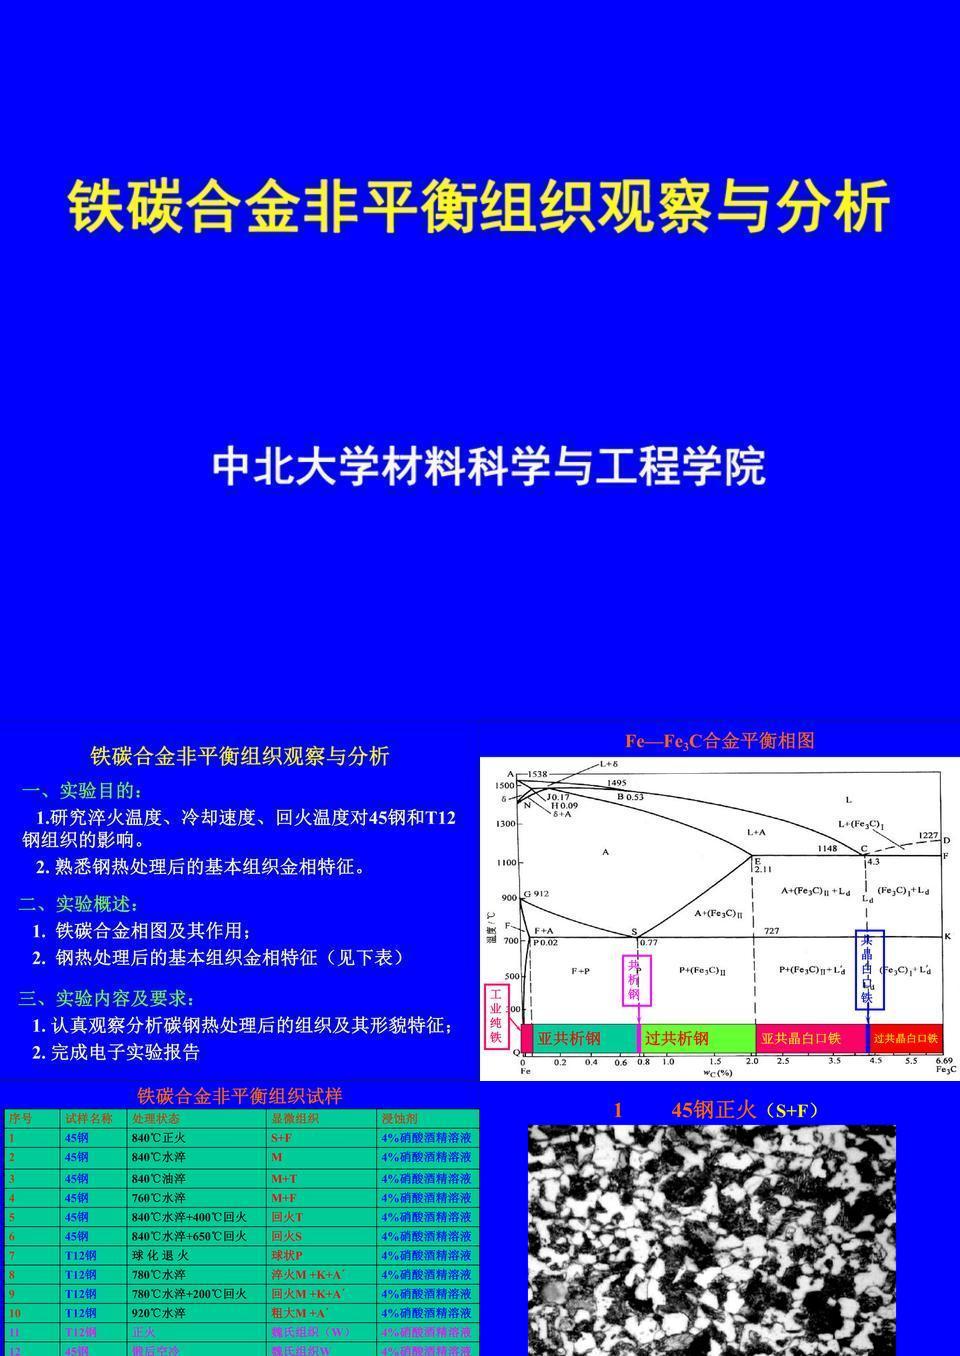 铁碳合金非平衡组织观察.ppt